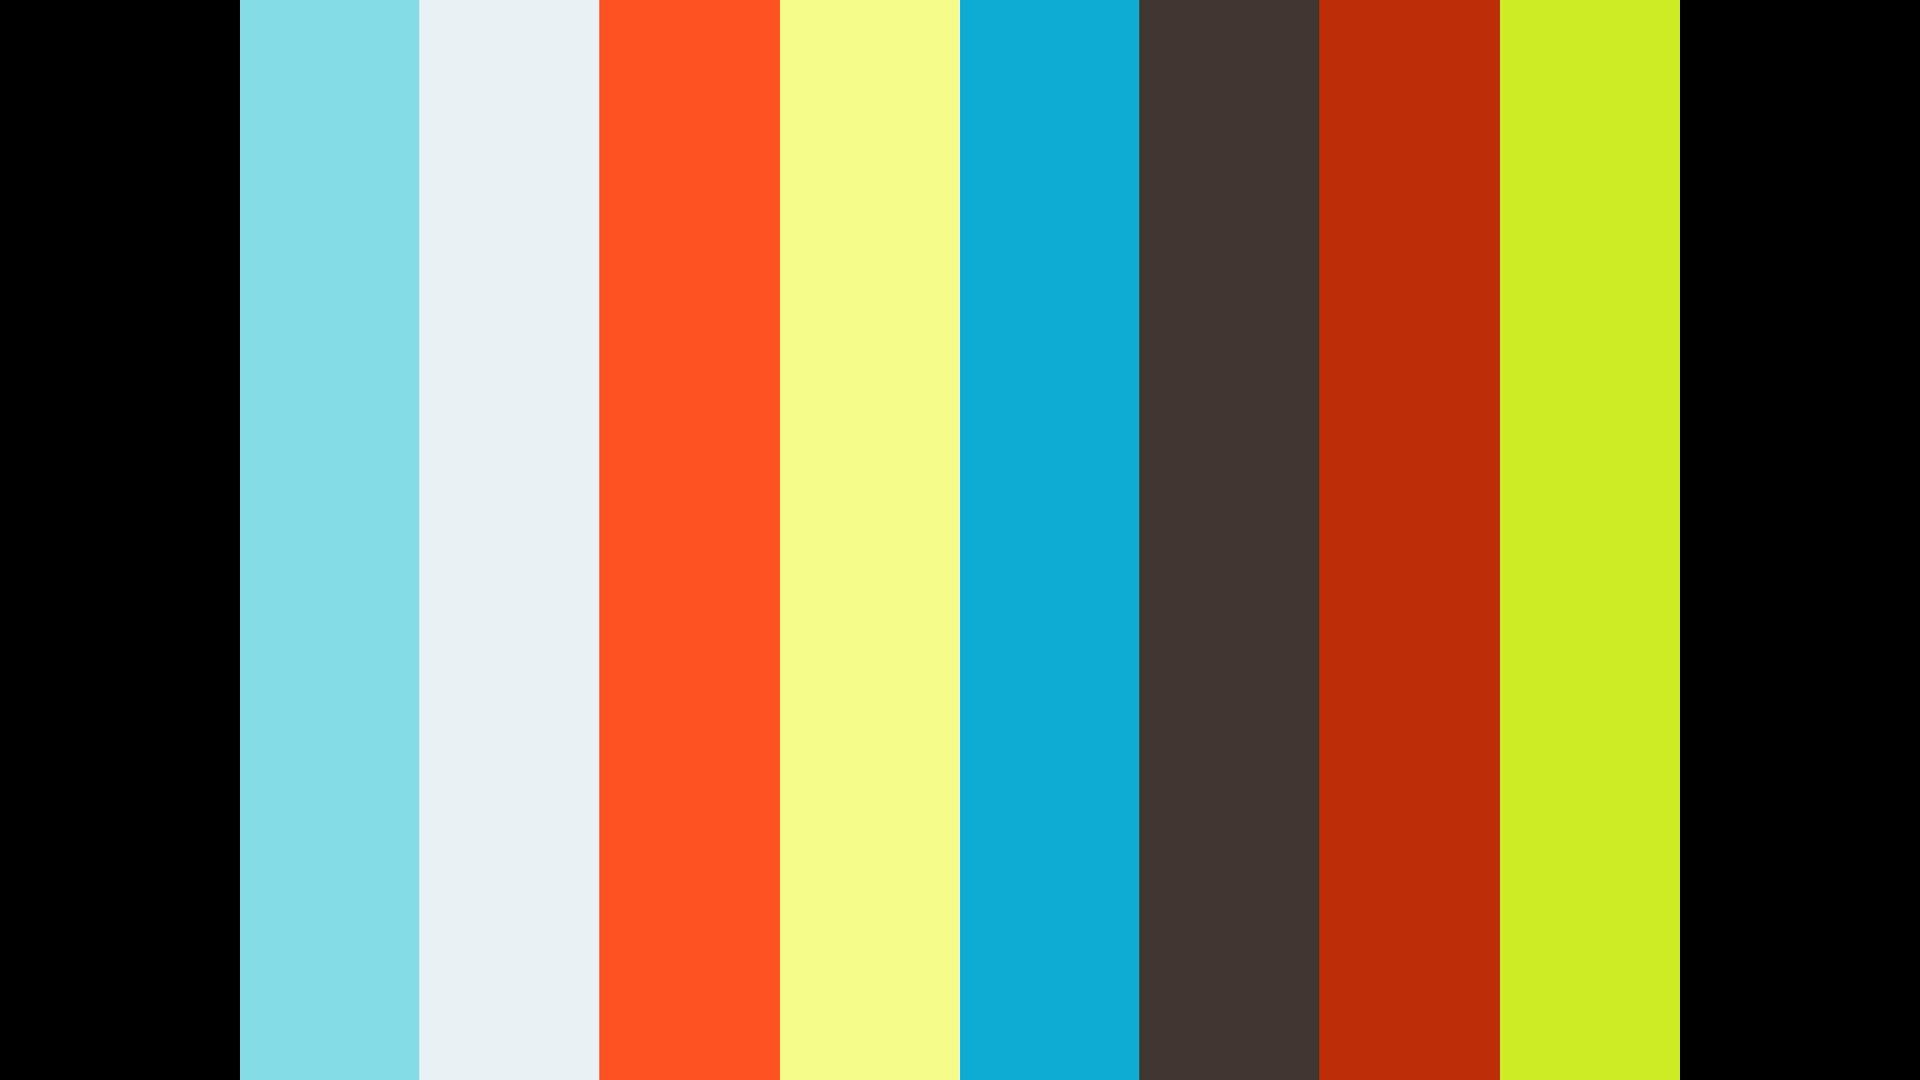 Slider. Dark theme. 720x1280